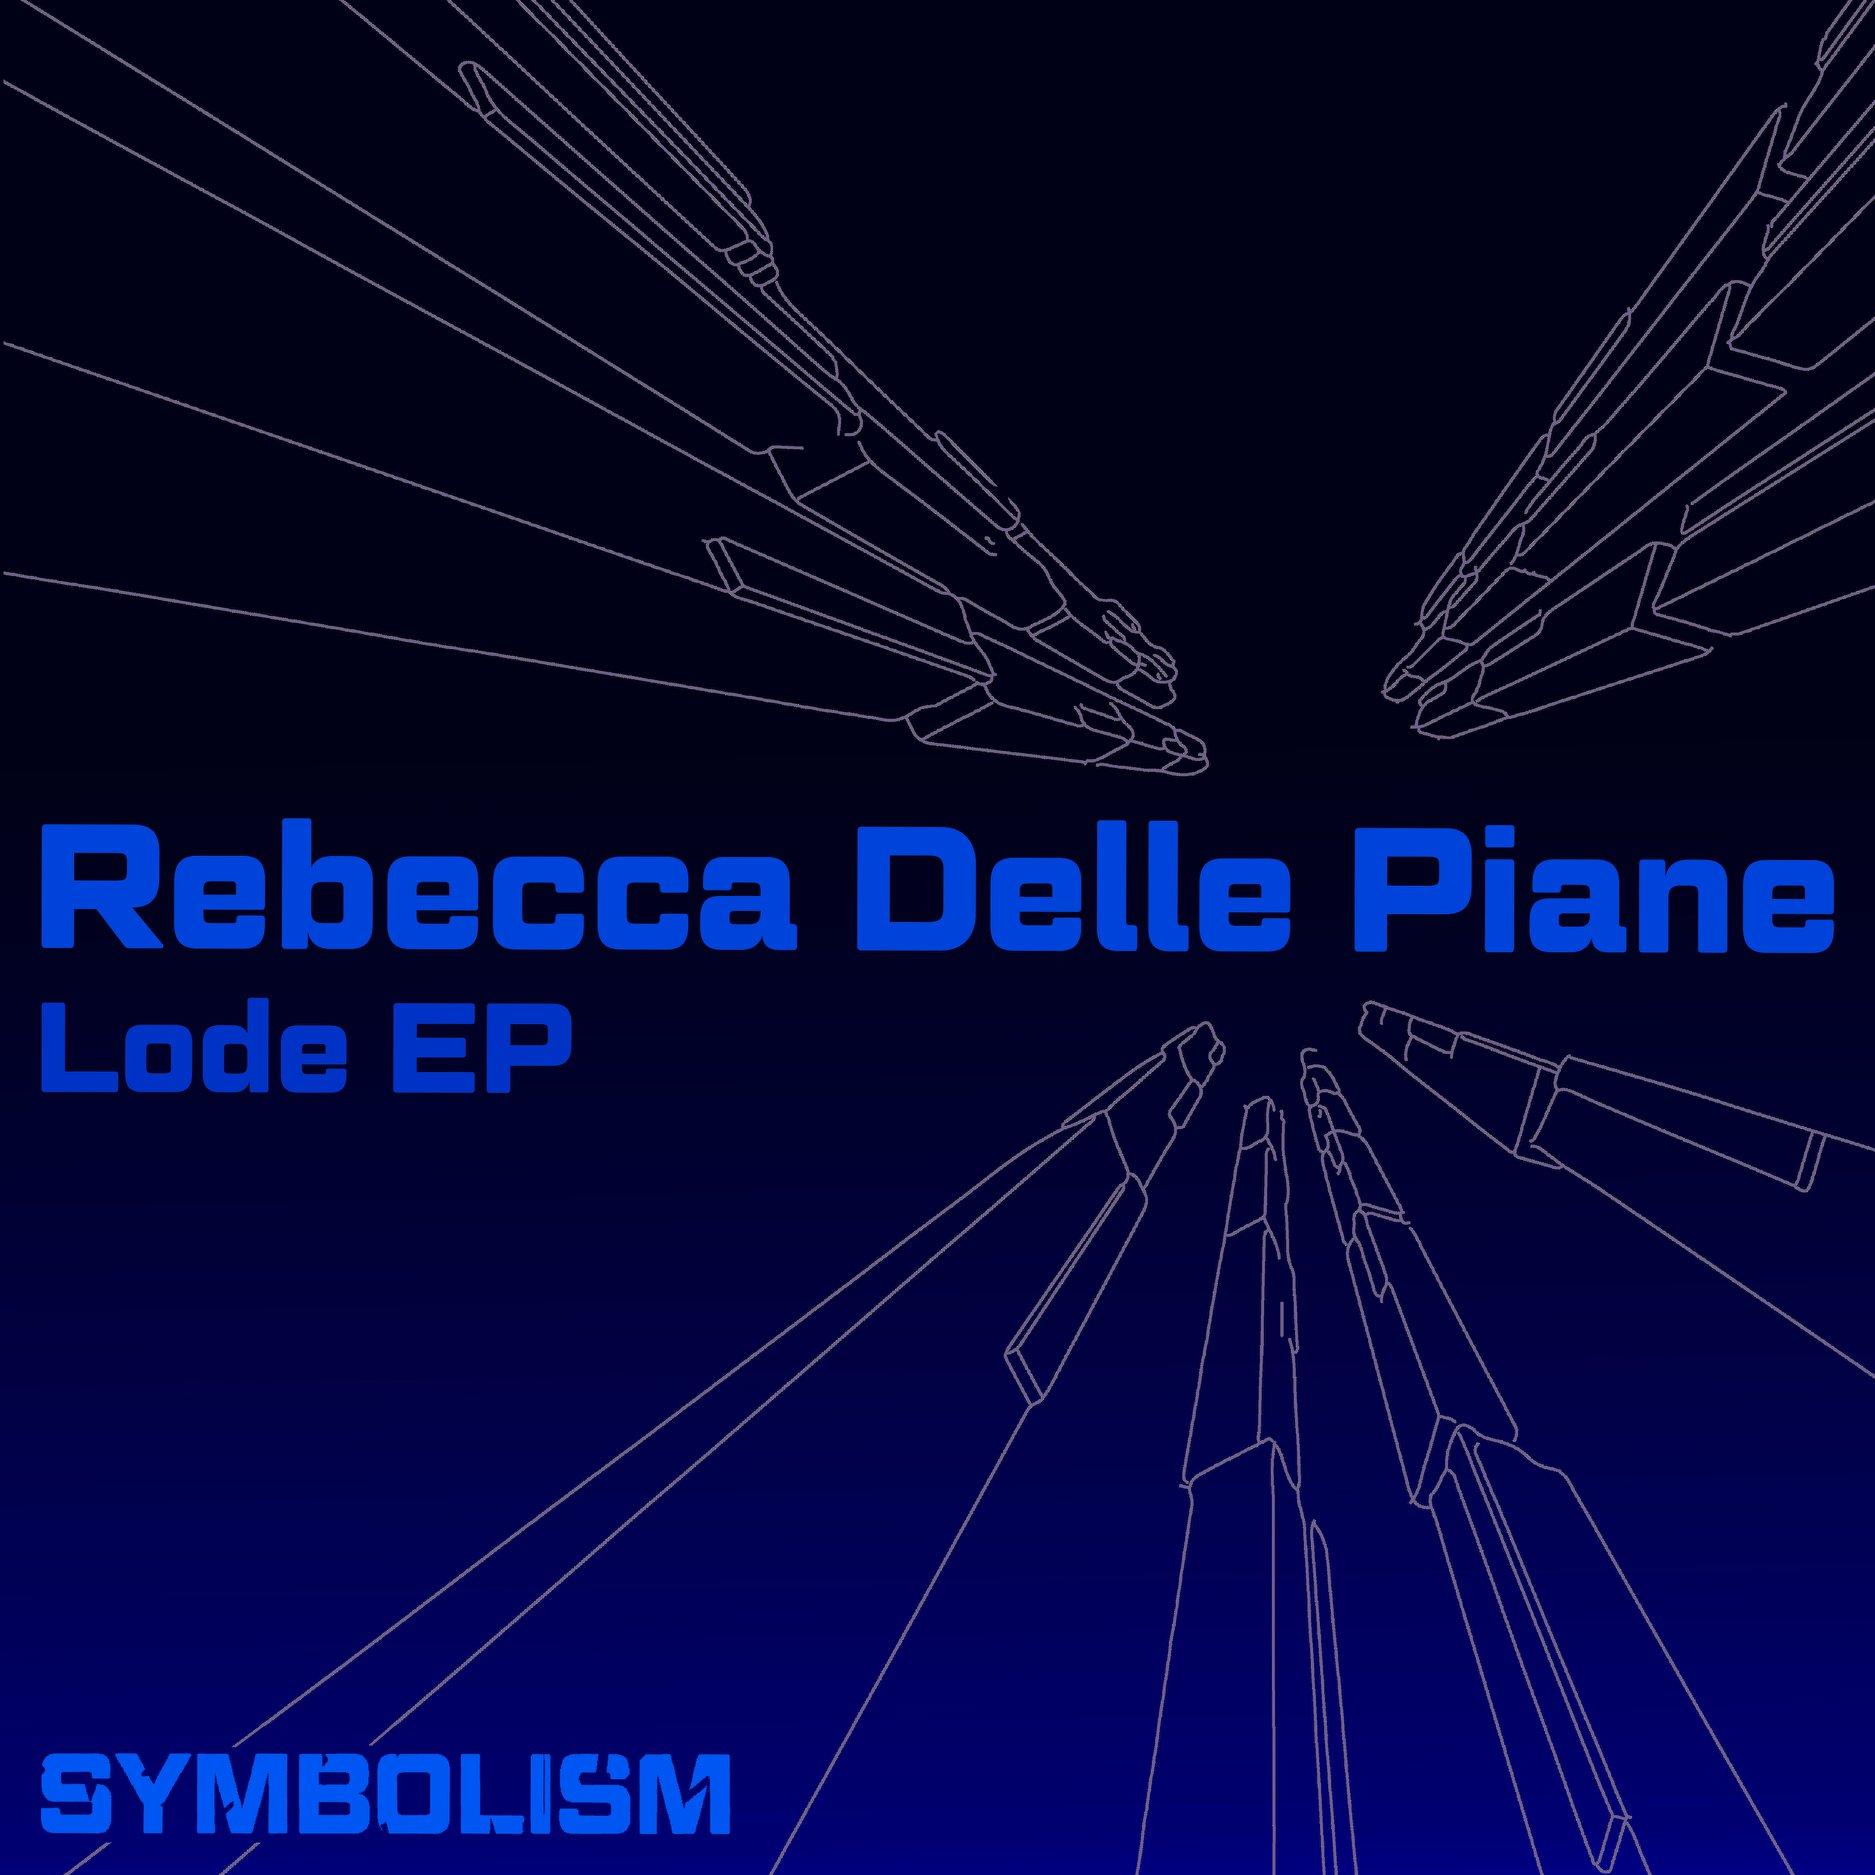 Rebecca Delle Piane